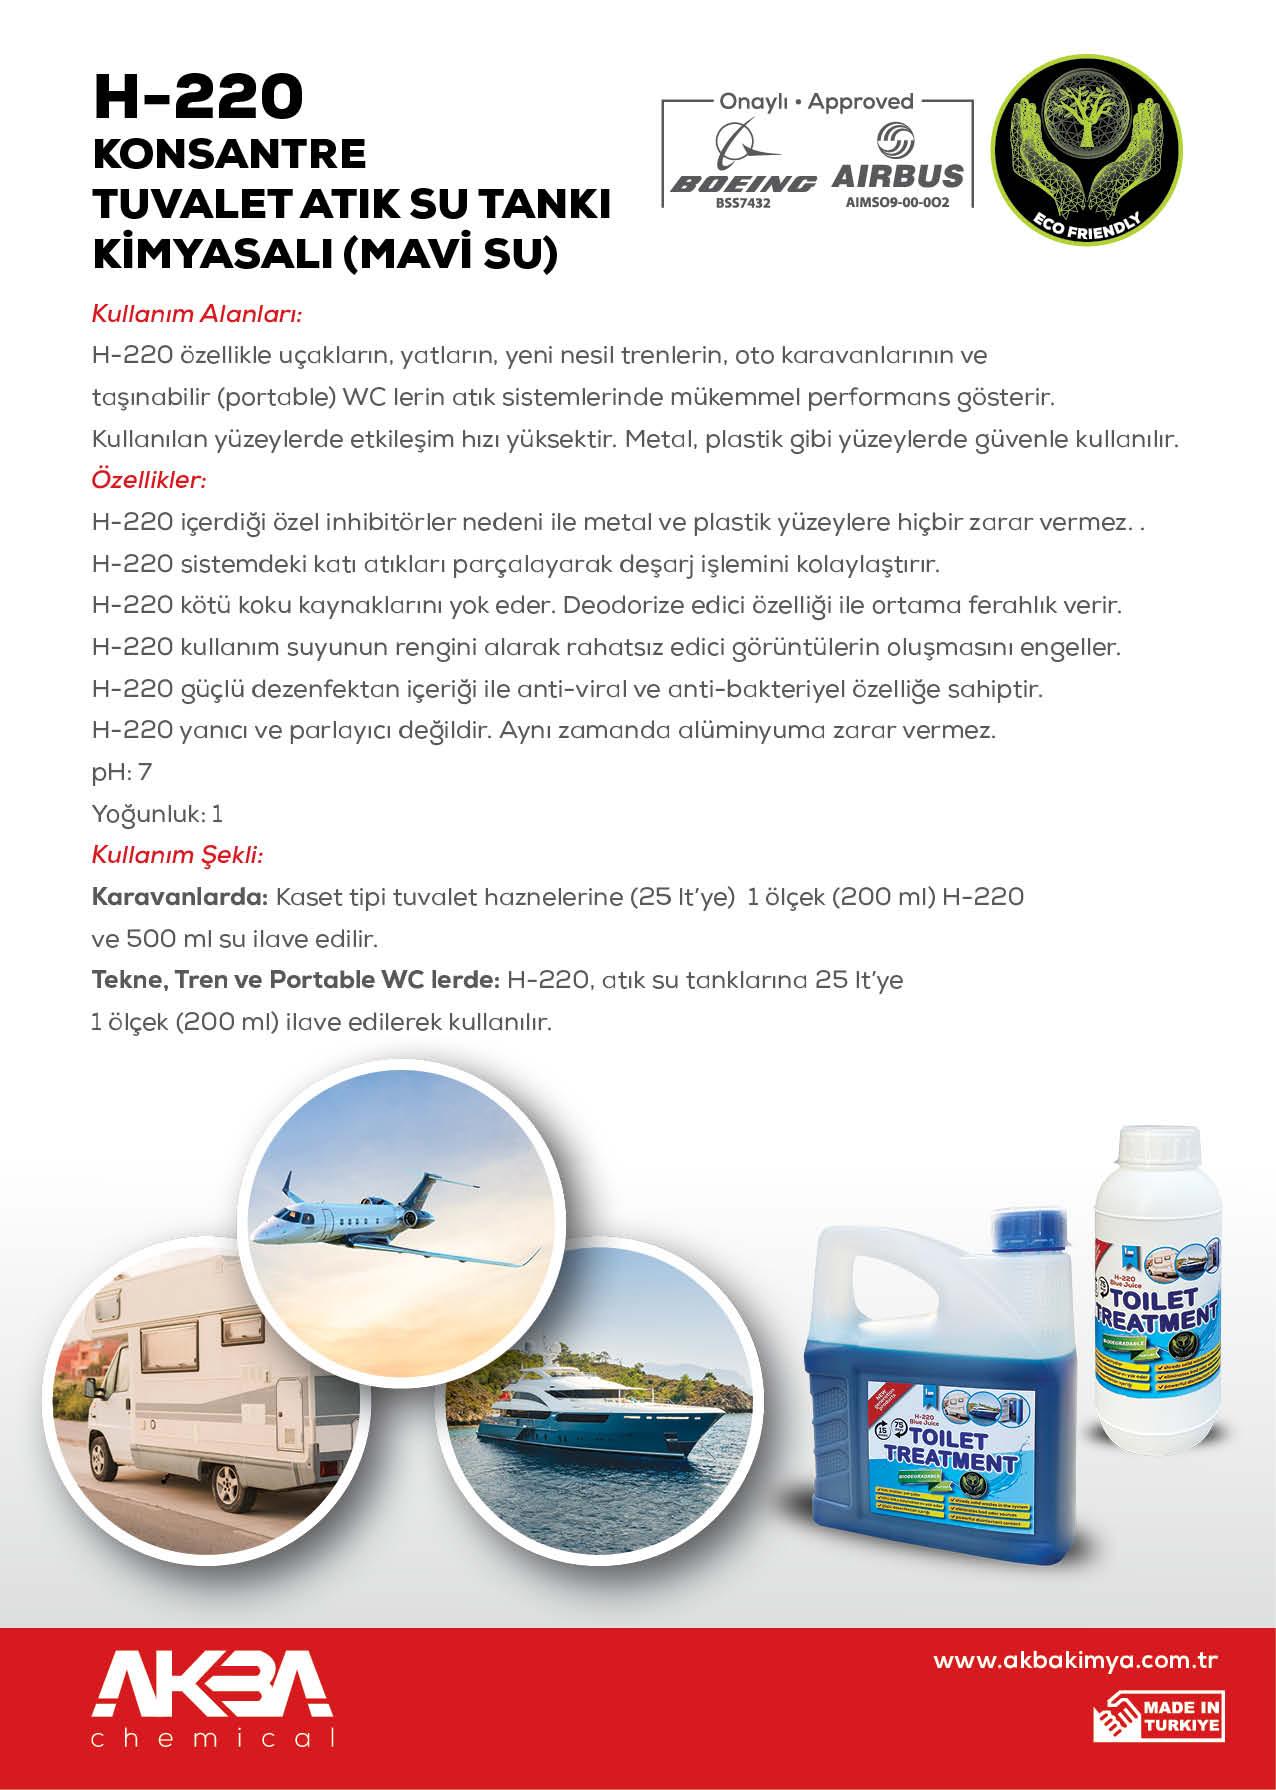 AKBA Kimya H-220 Konsantre Portatif Tuvalet Kimyasalı (Mavi Su) 1L